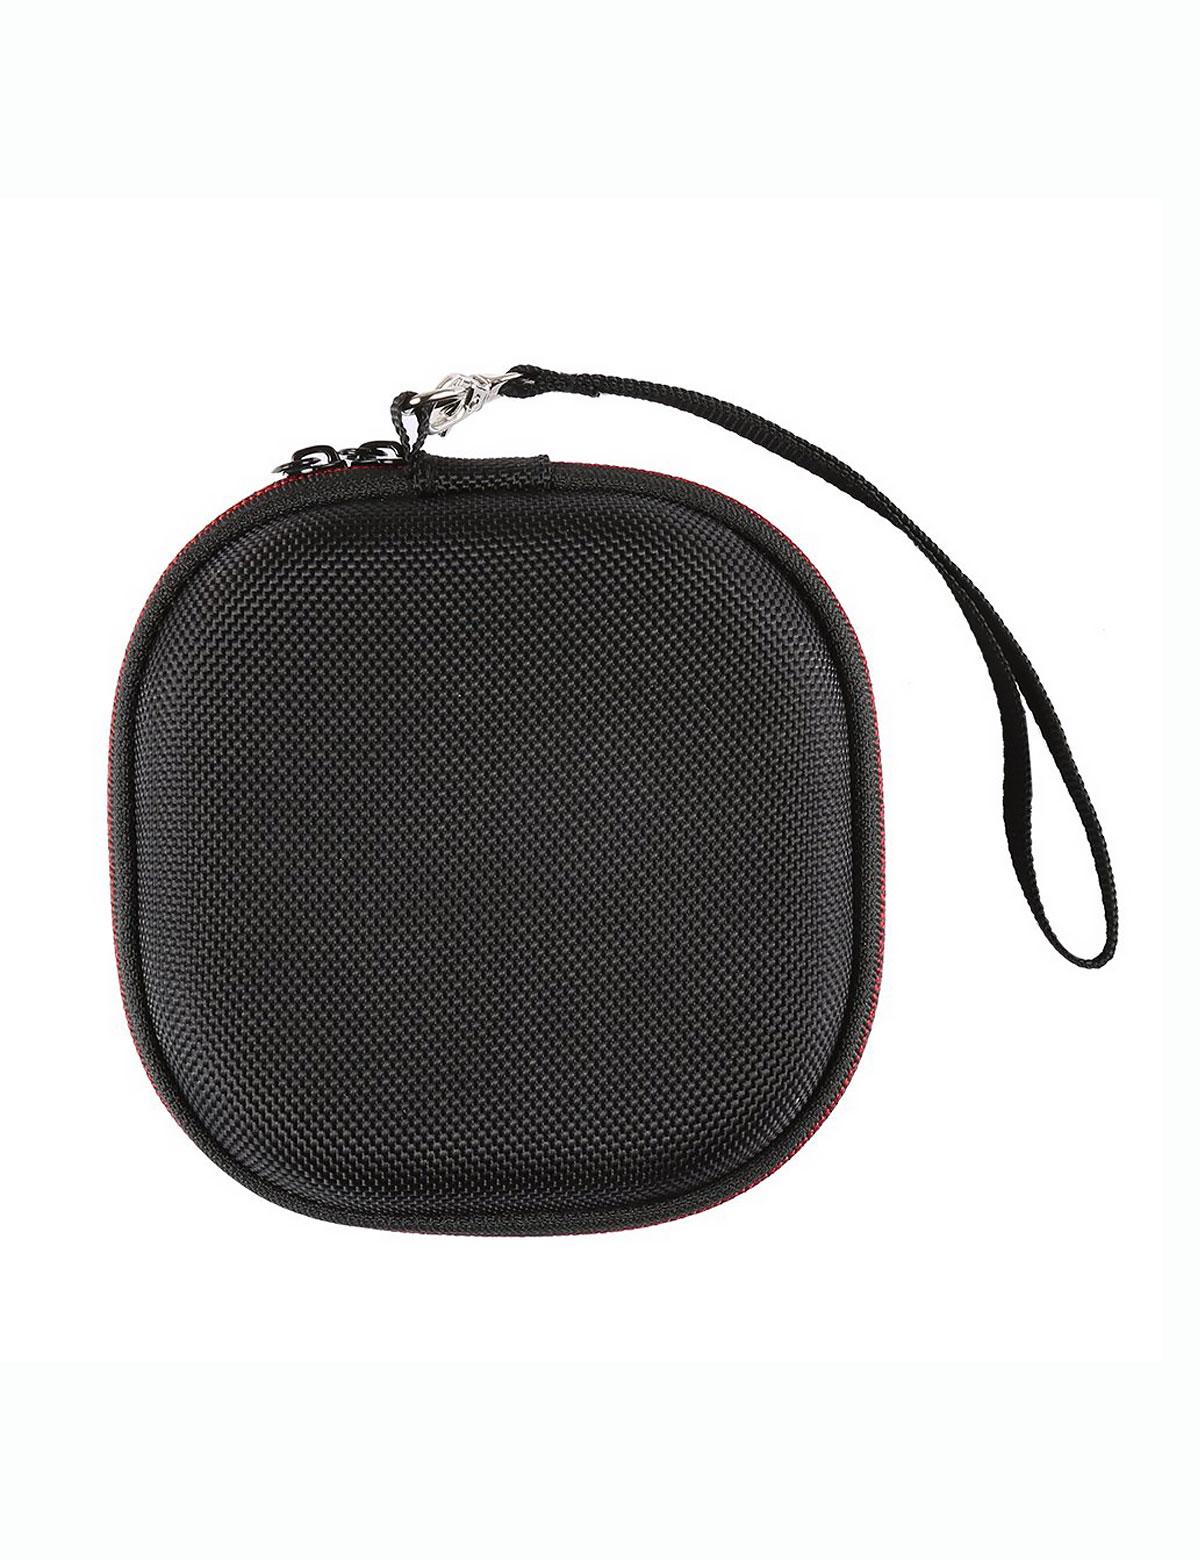 LuckyNV pouzdro pro SoundLink Micro